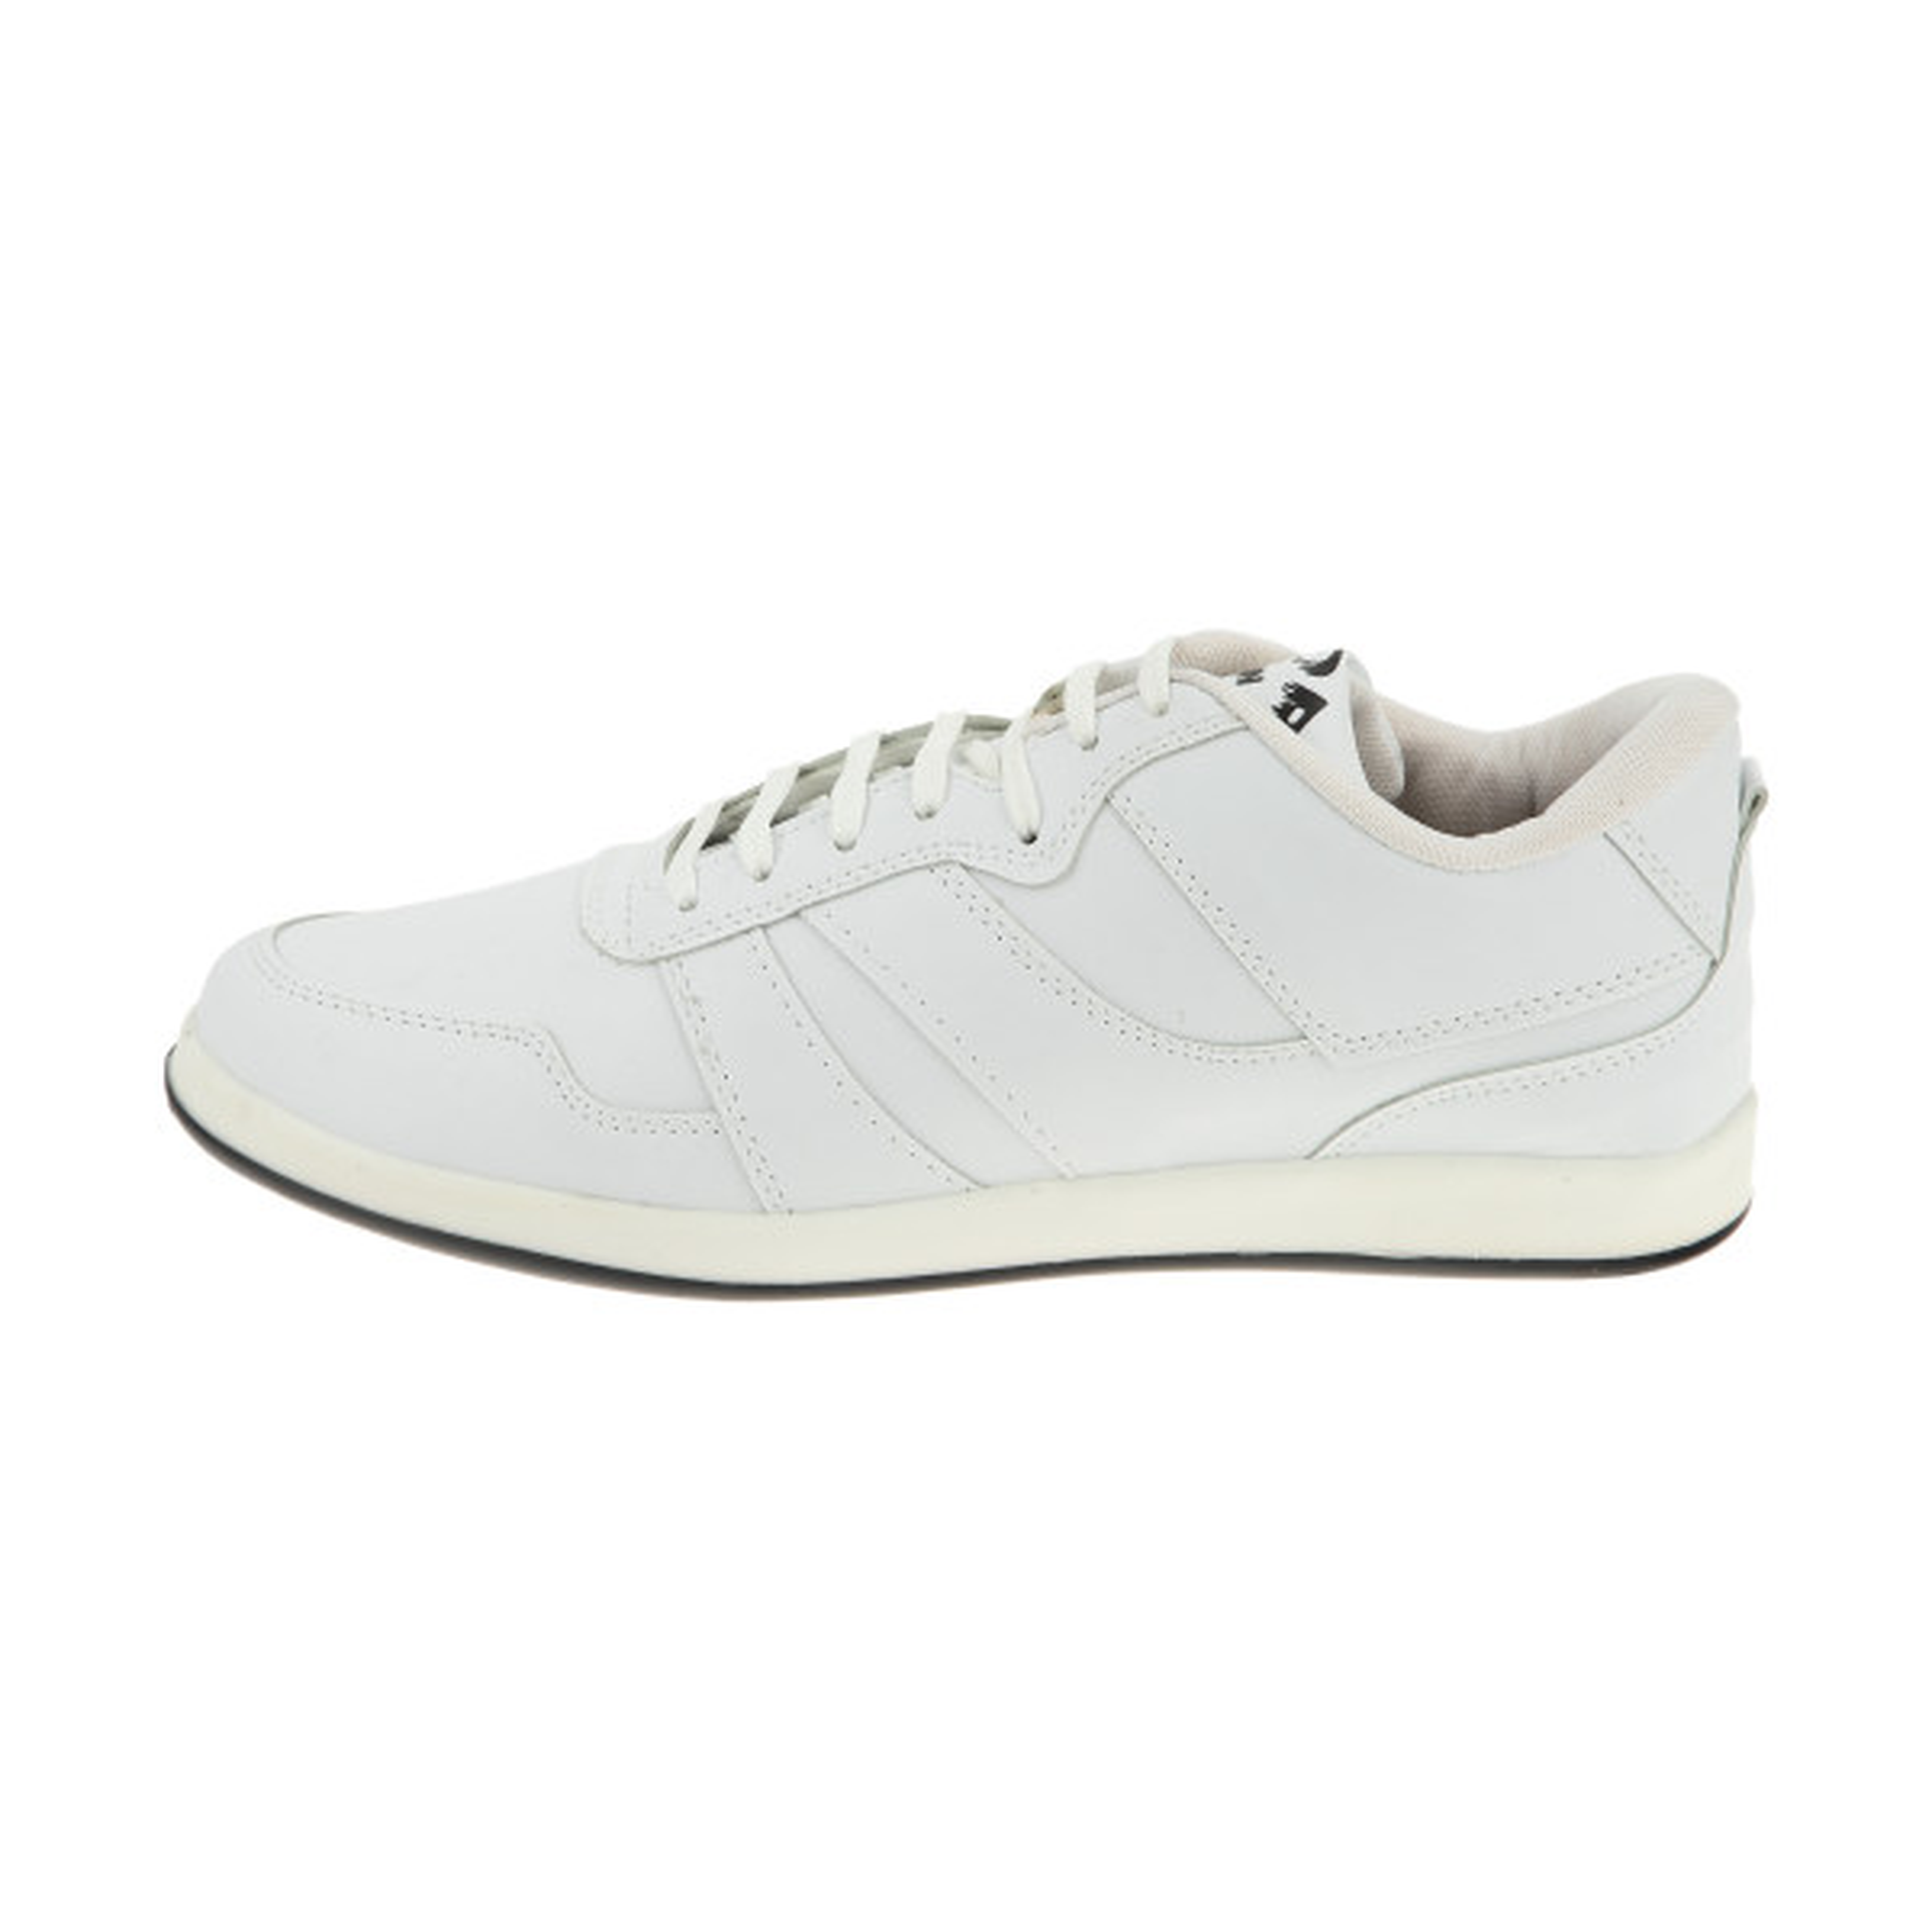 کفش روزمره مردانه اسپرت من مدل 39793-1-4